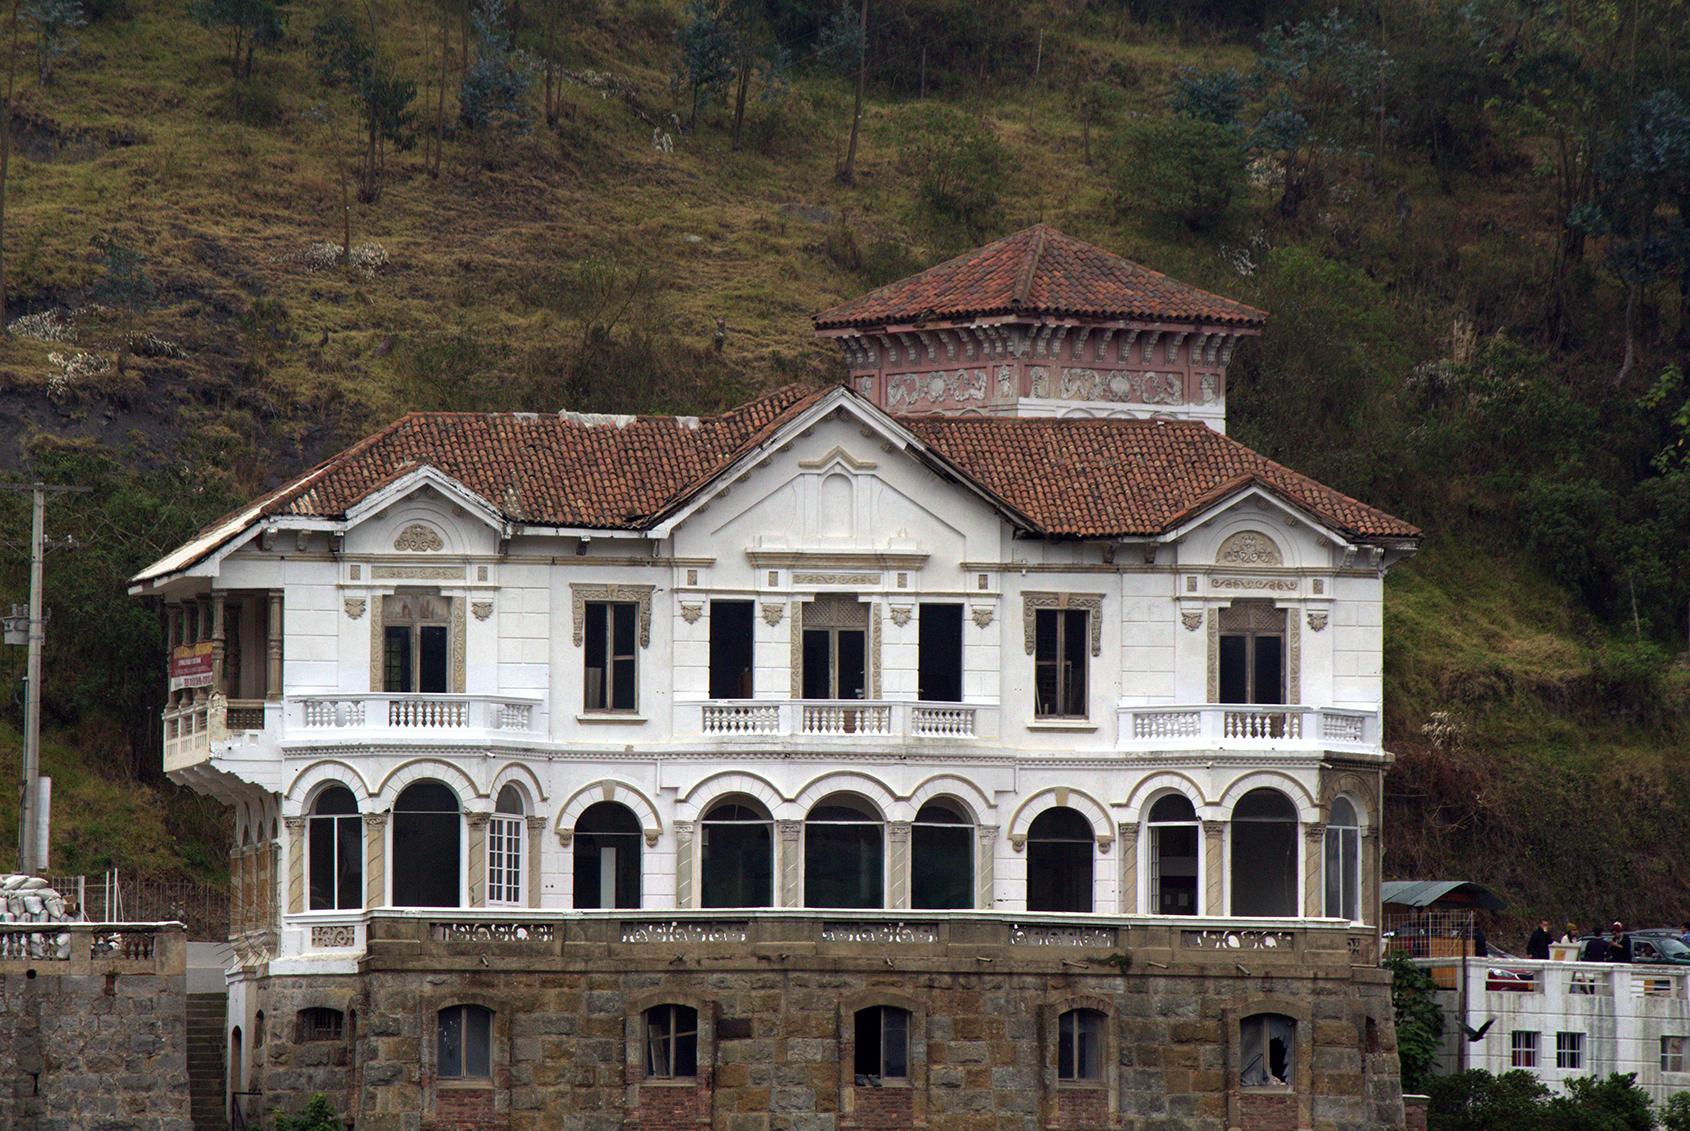 Am rica latina palacios y mansiones casas y edificios pal cios e mans es page 22 - Casas del salto ...